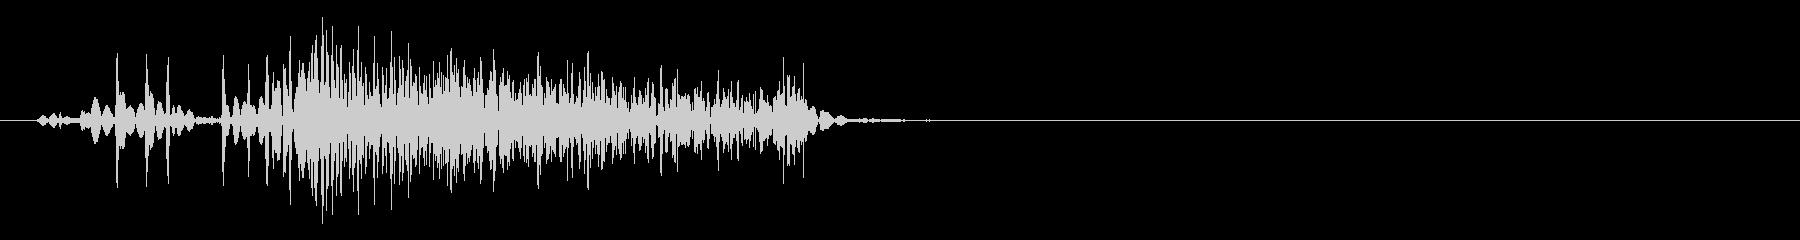 ジャー!ファスナー、チャックが閉まる音7の未再生の波形